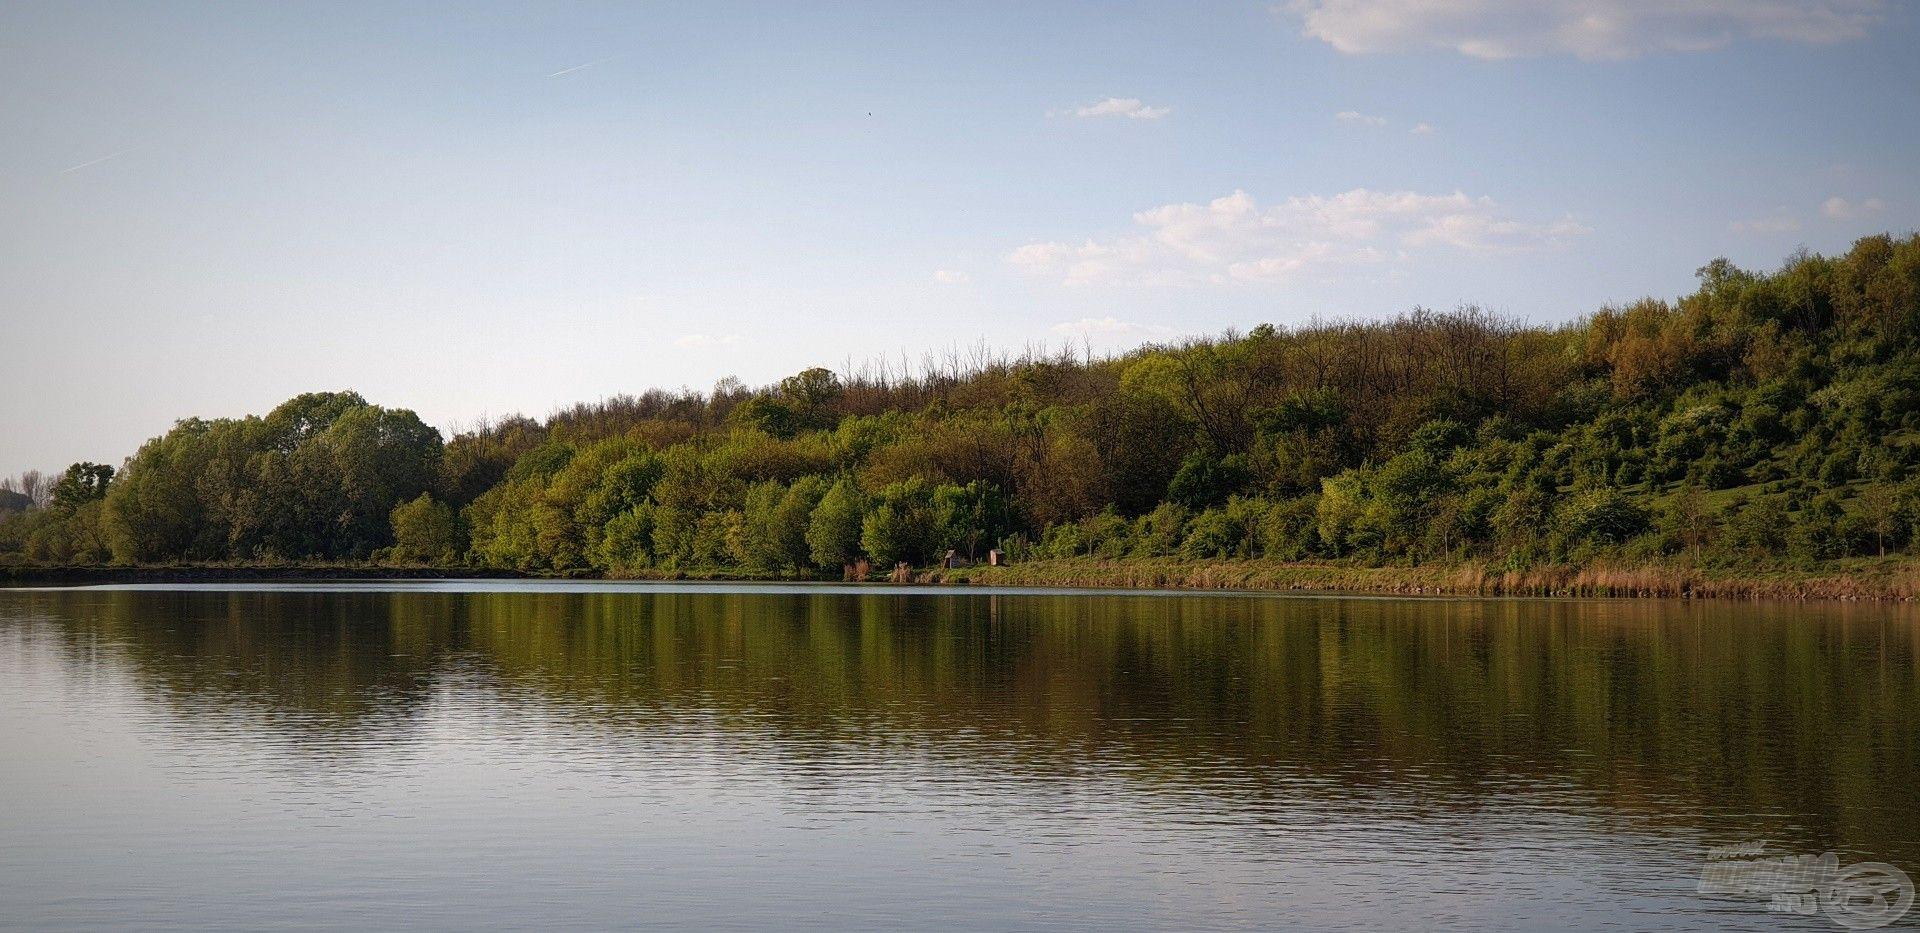 Impozáns látványt nyújt a völgykatlanban elterülő vízterület